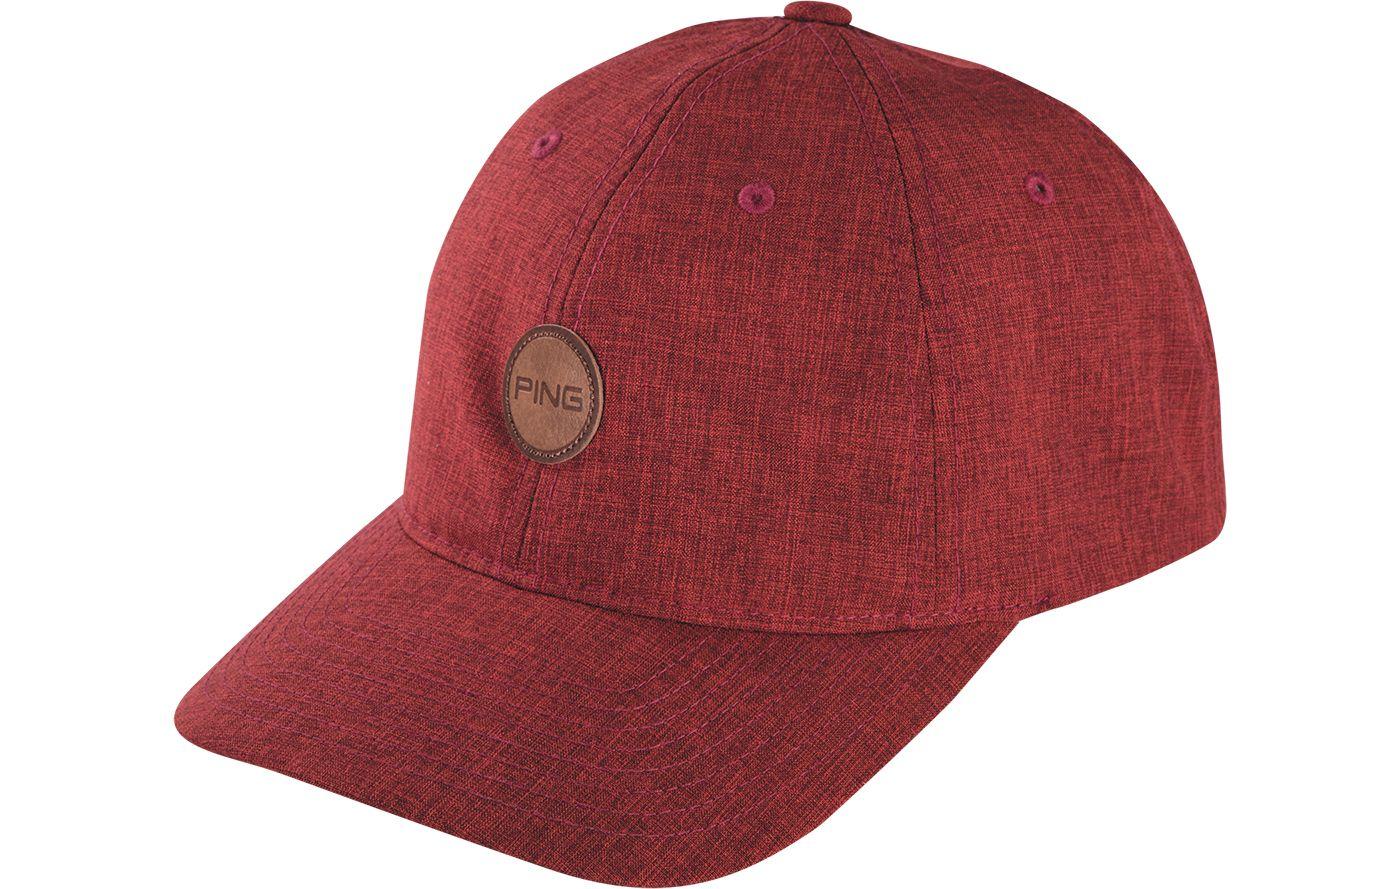 PING Fairway Hat